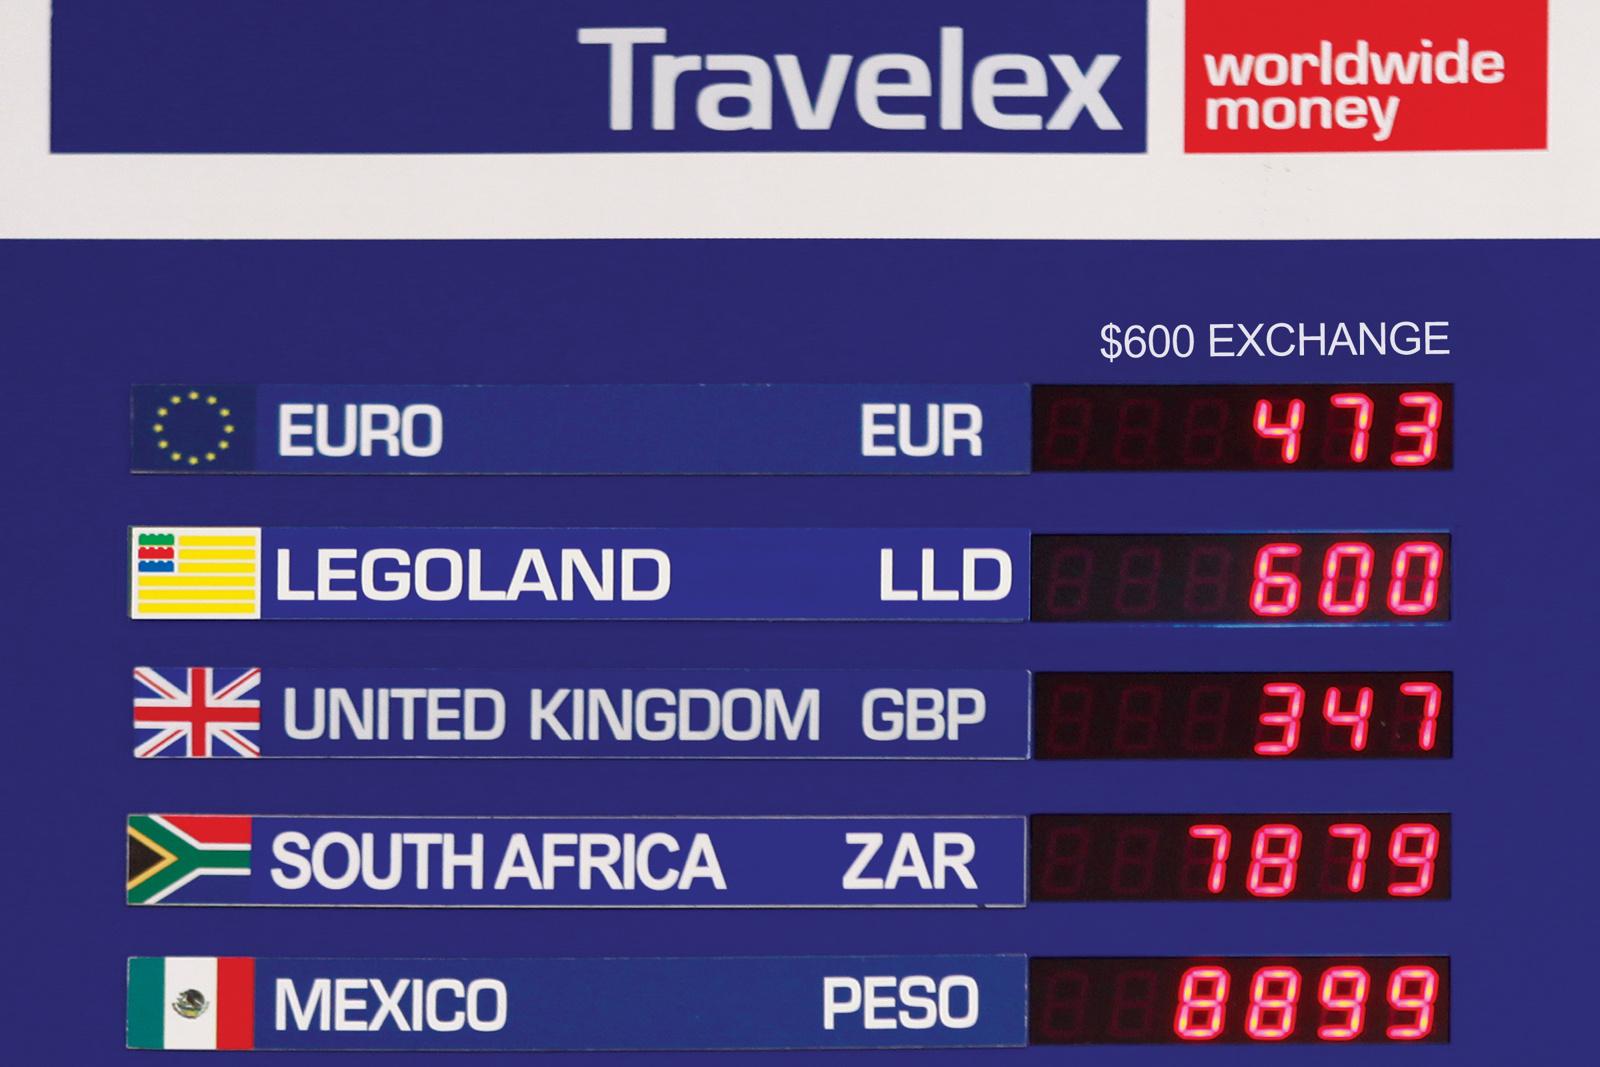 a9b15ab455688f95-Legoland-Travelexboard.jpg